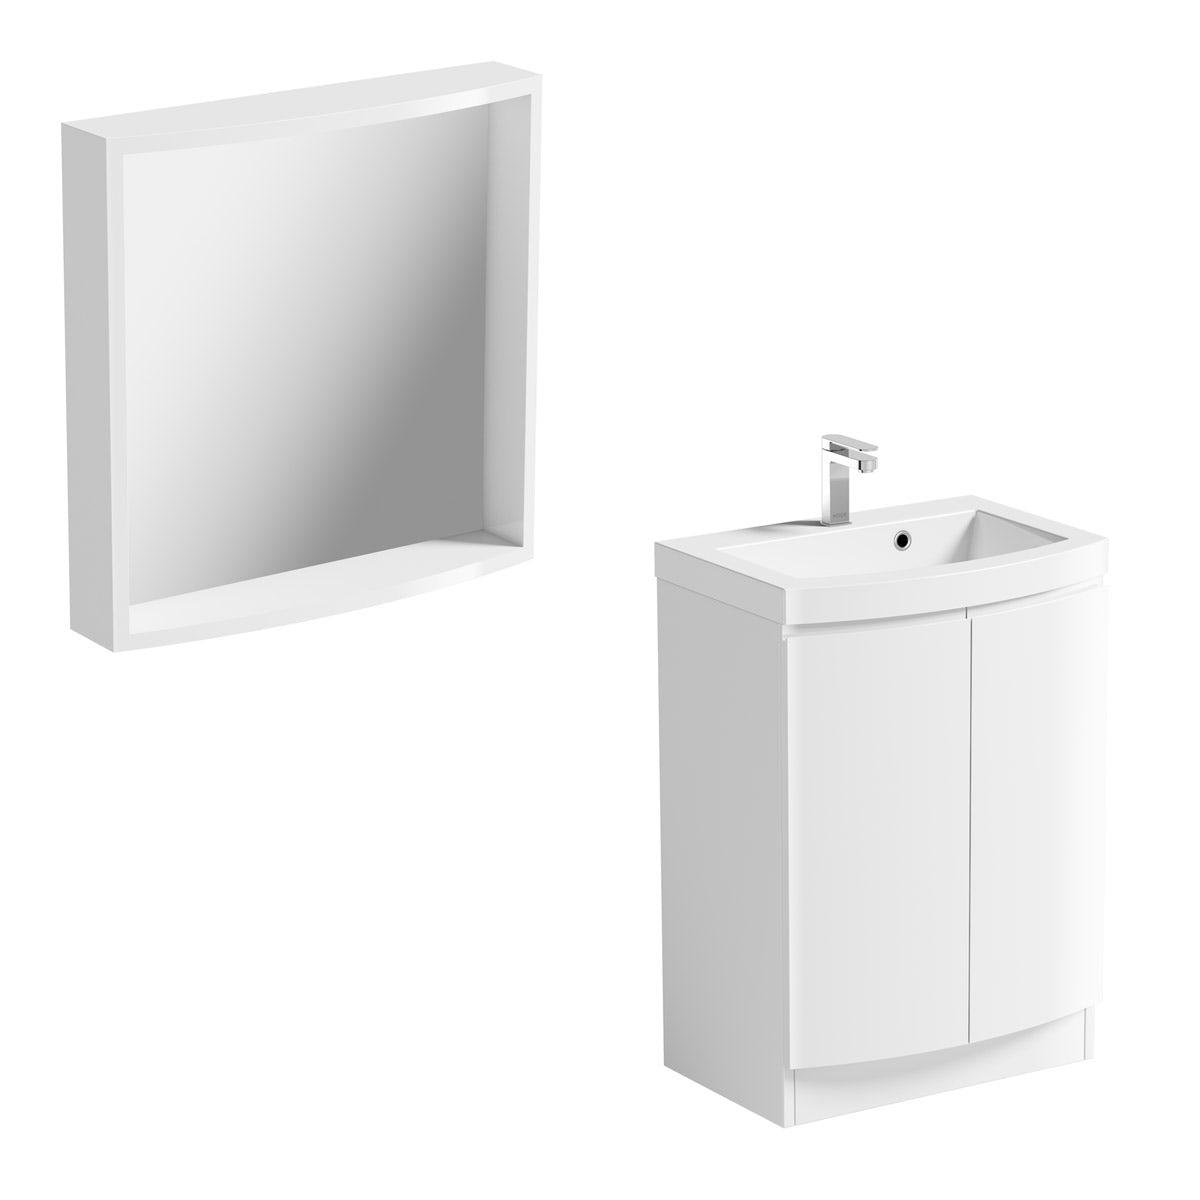 ModeHarrisonsnow floor standing door unit and basin 600mm with mirror